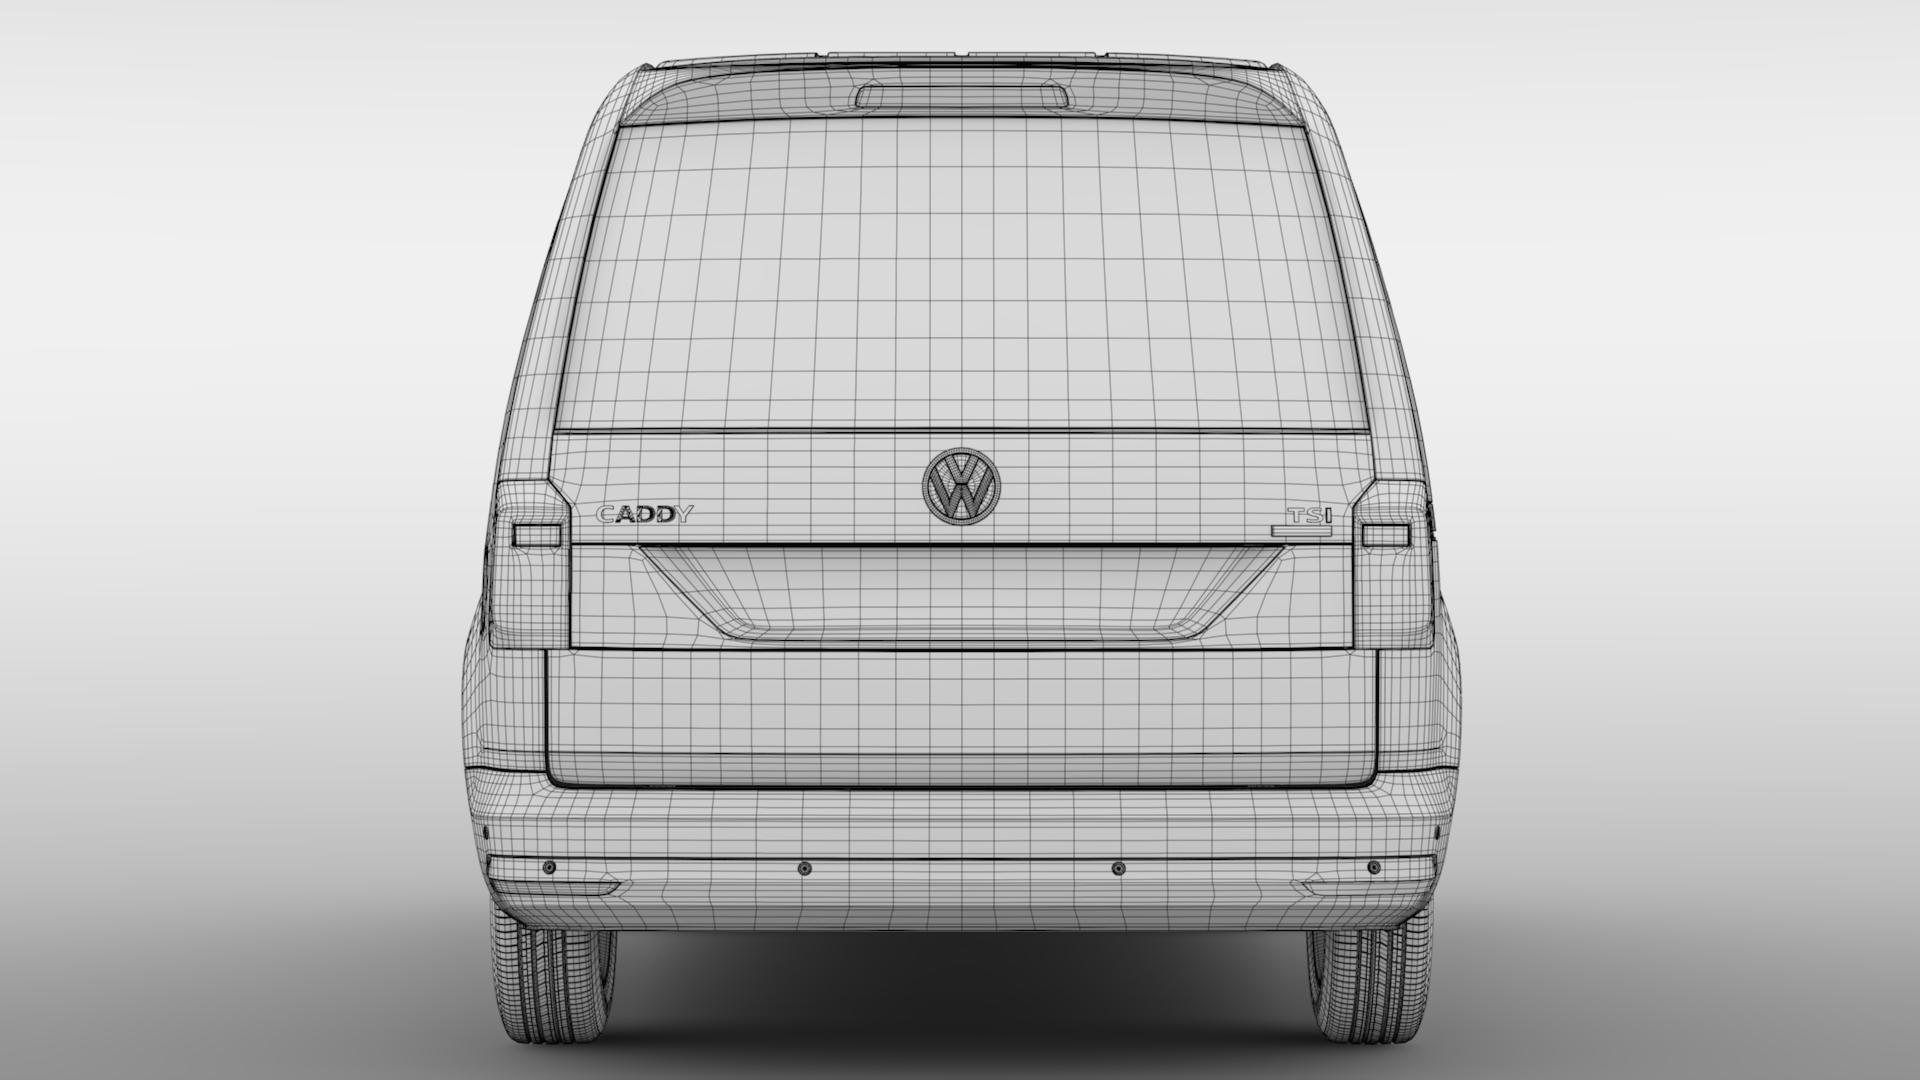 volkswagen caddy panel van l1 2017 3d model max fbx c4d lwo ma mb hrc xsi obj 274415